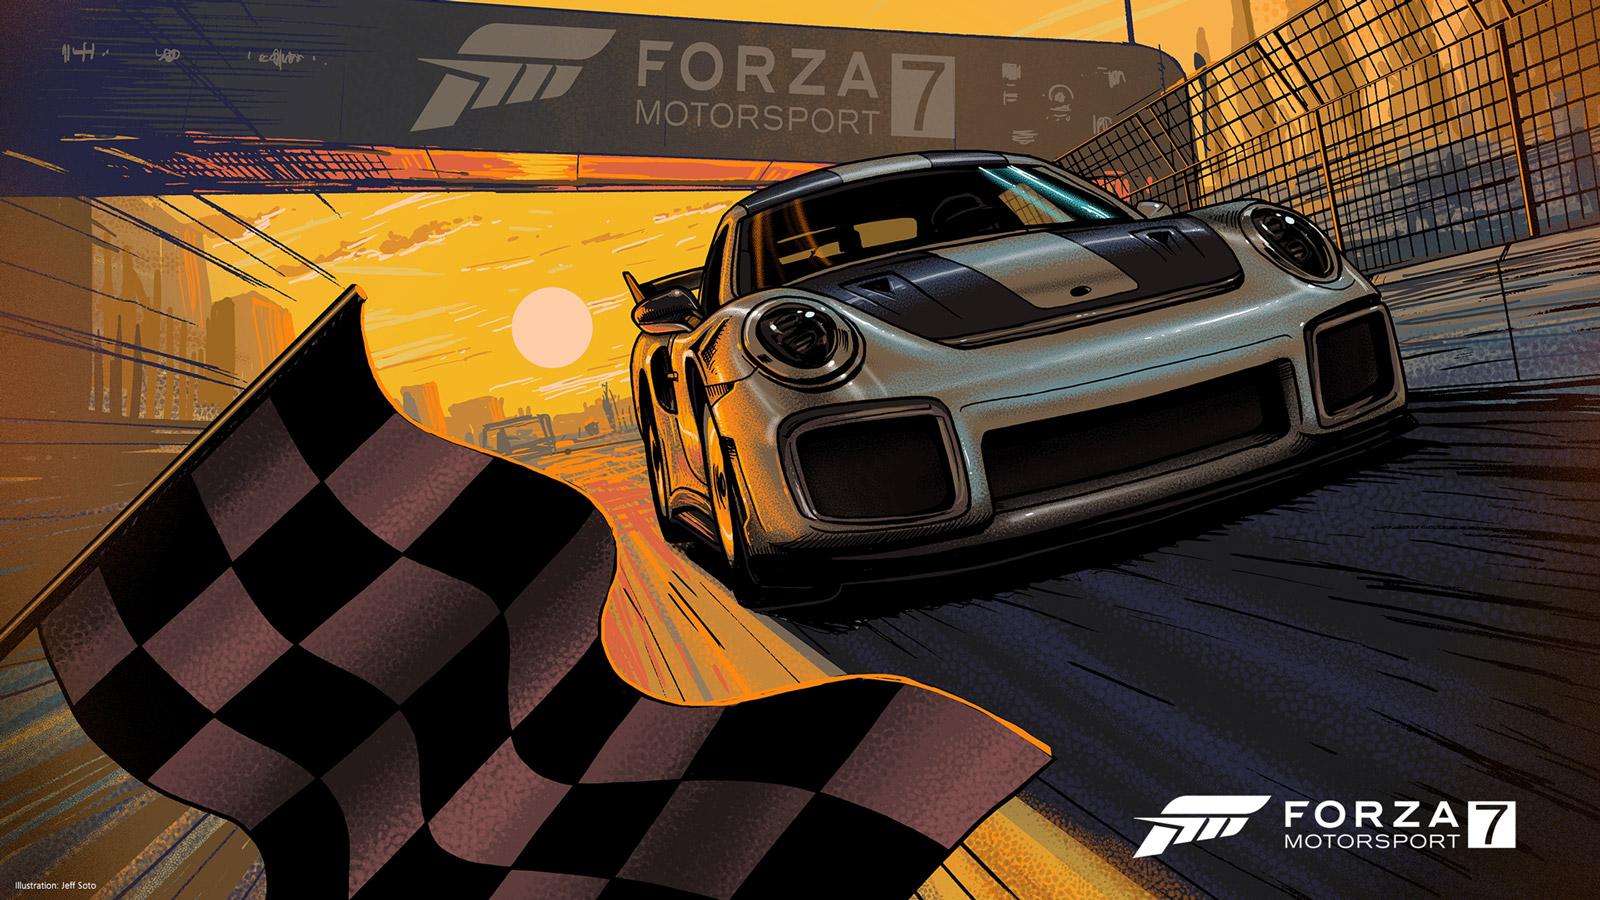 Forza Motorsport 7 Wallpaper in 1600x900